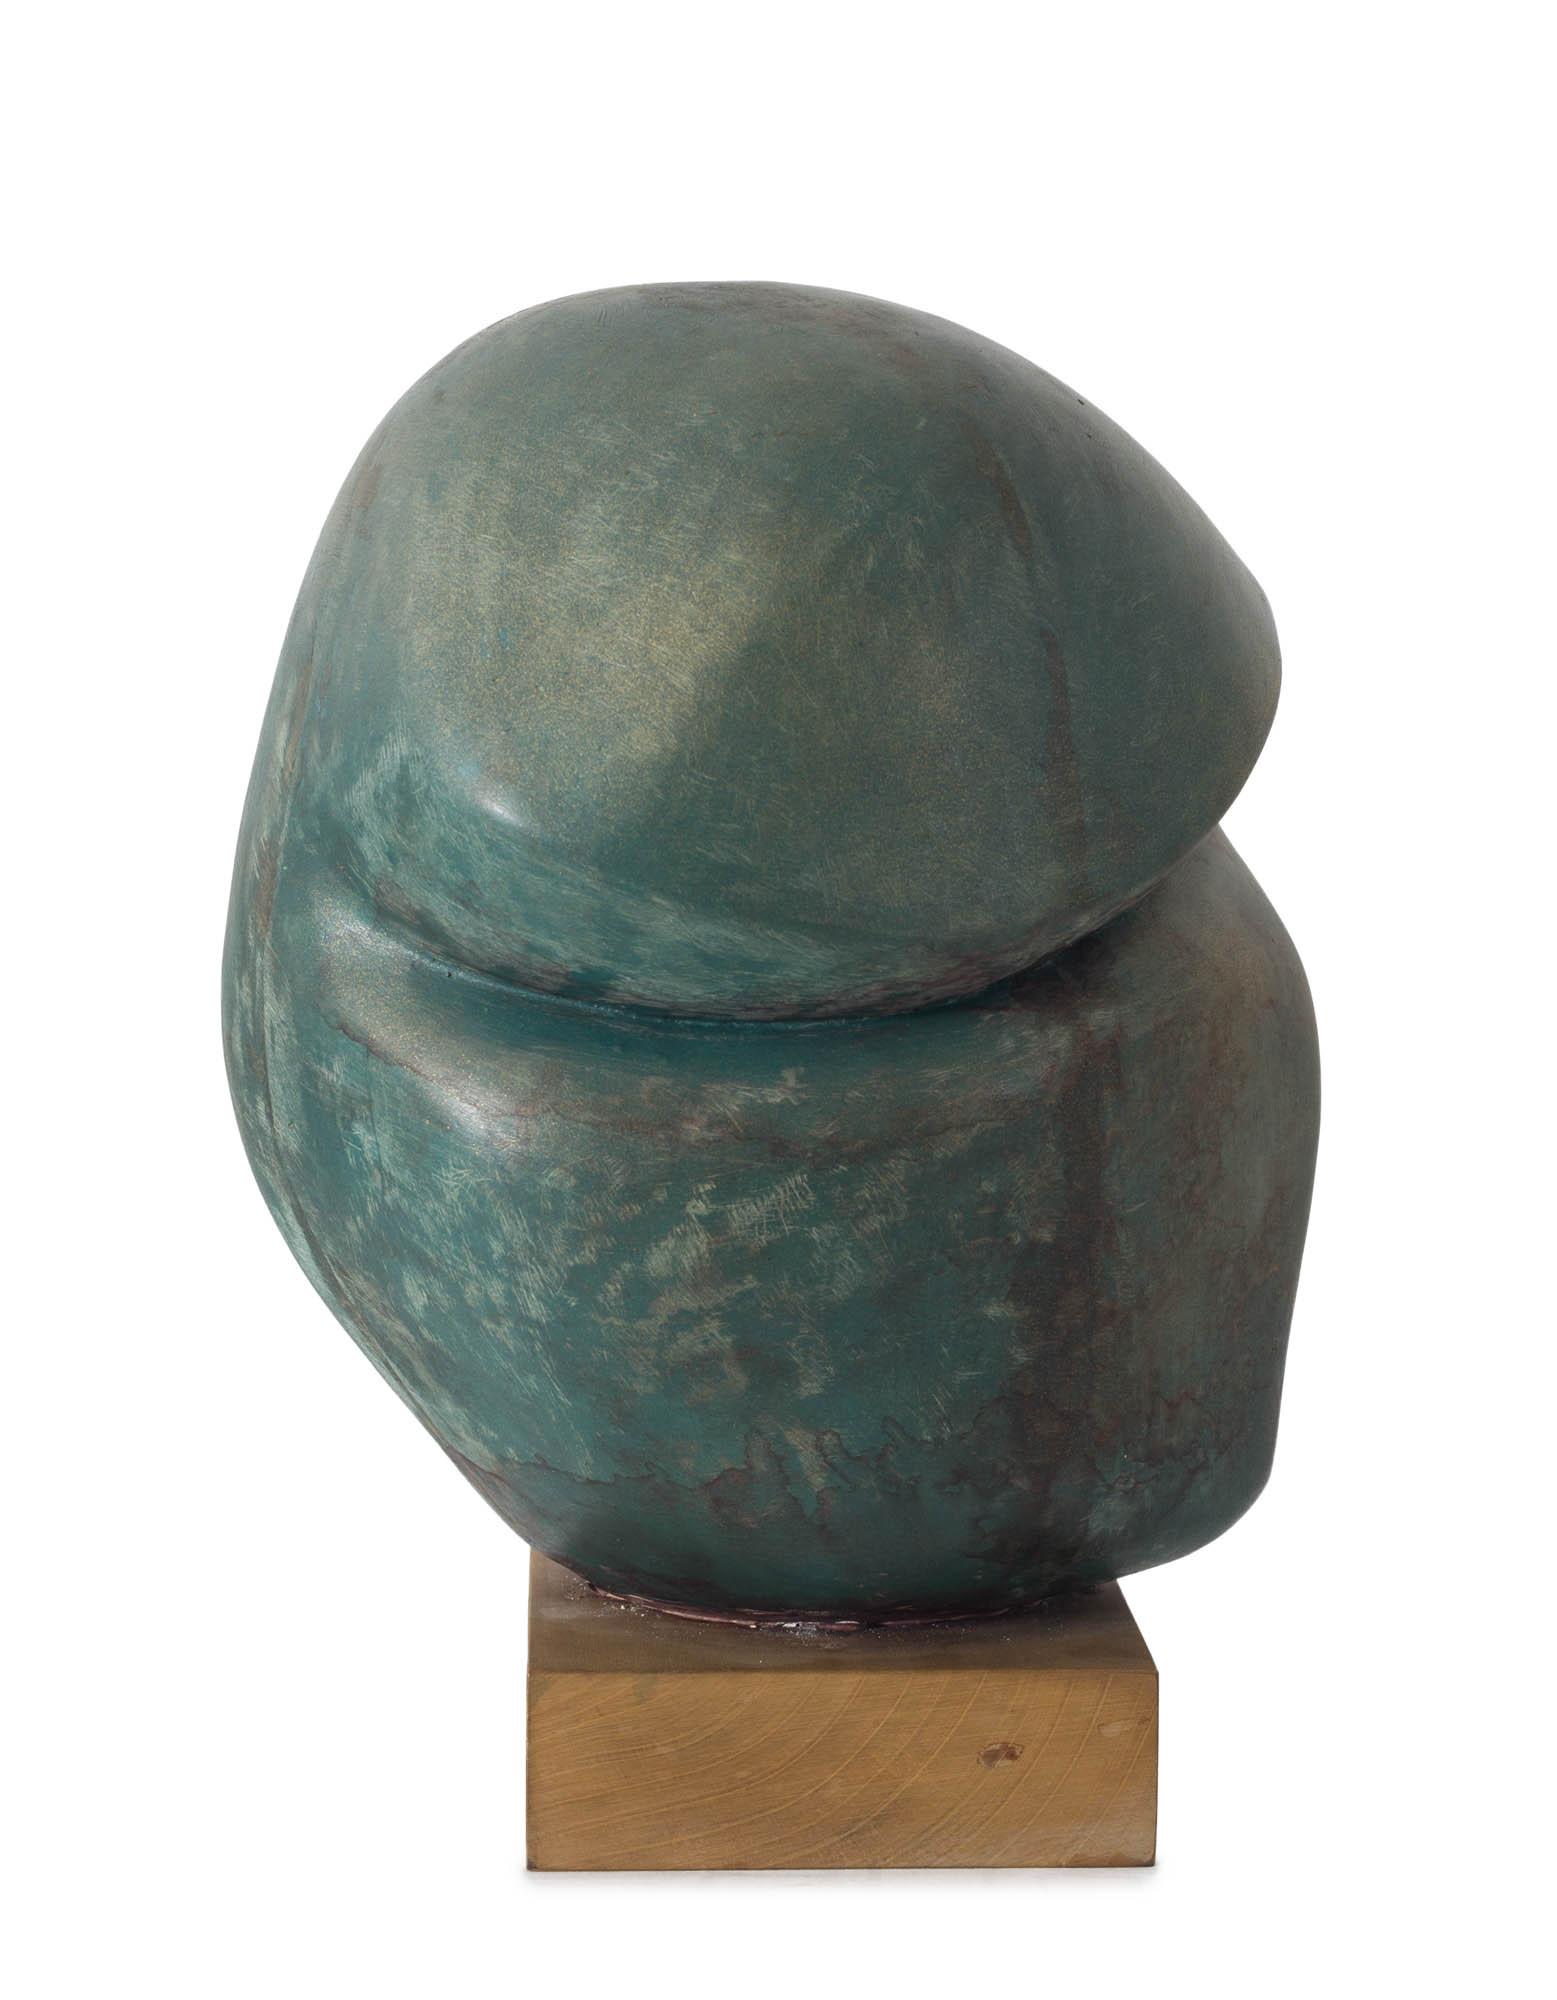 ANA BEŠLIĆ<br><br>Sanja u beretki (1979)<br>poliester<br>38 cm × 32 cm<br><br>Izlagana u Muzeju savremene umetnosti Vojvodine u Novom Sadu<br>na izložbi Emancipacija forme, 2015.